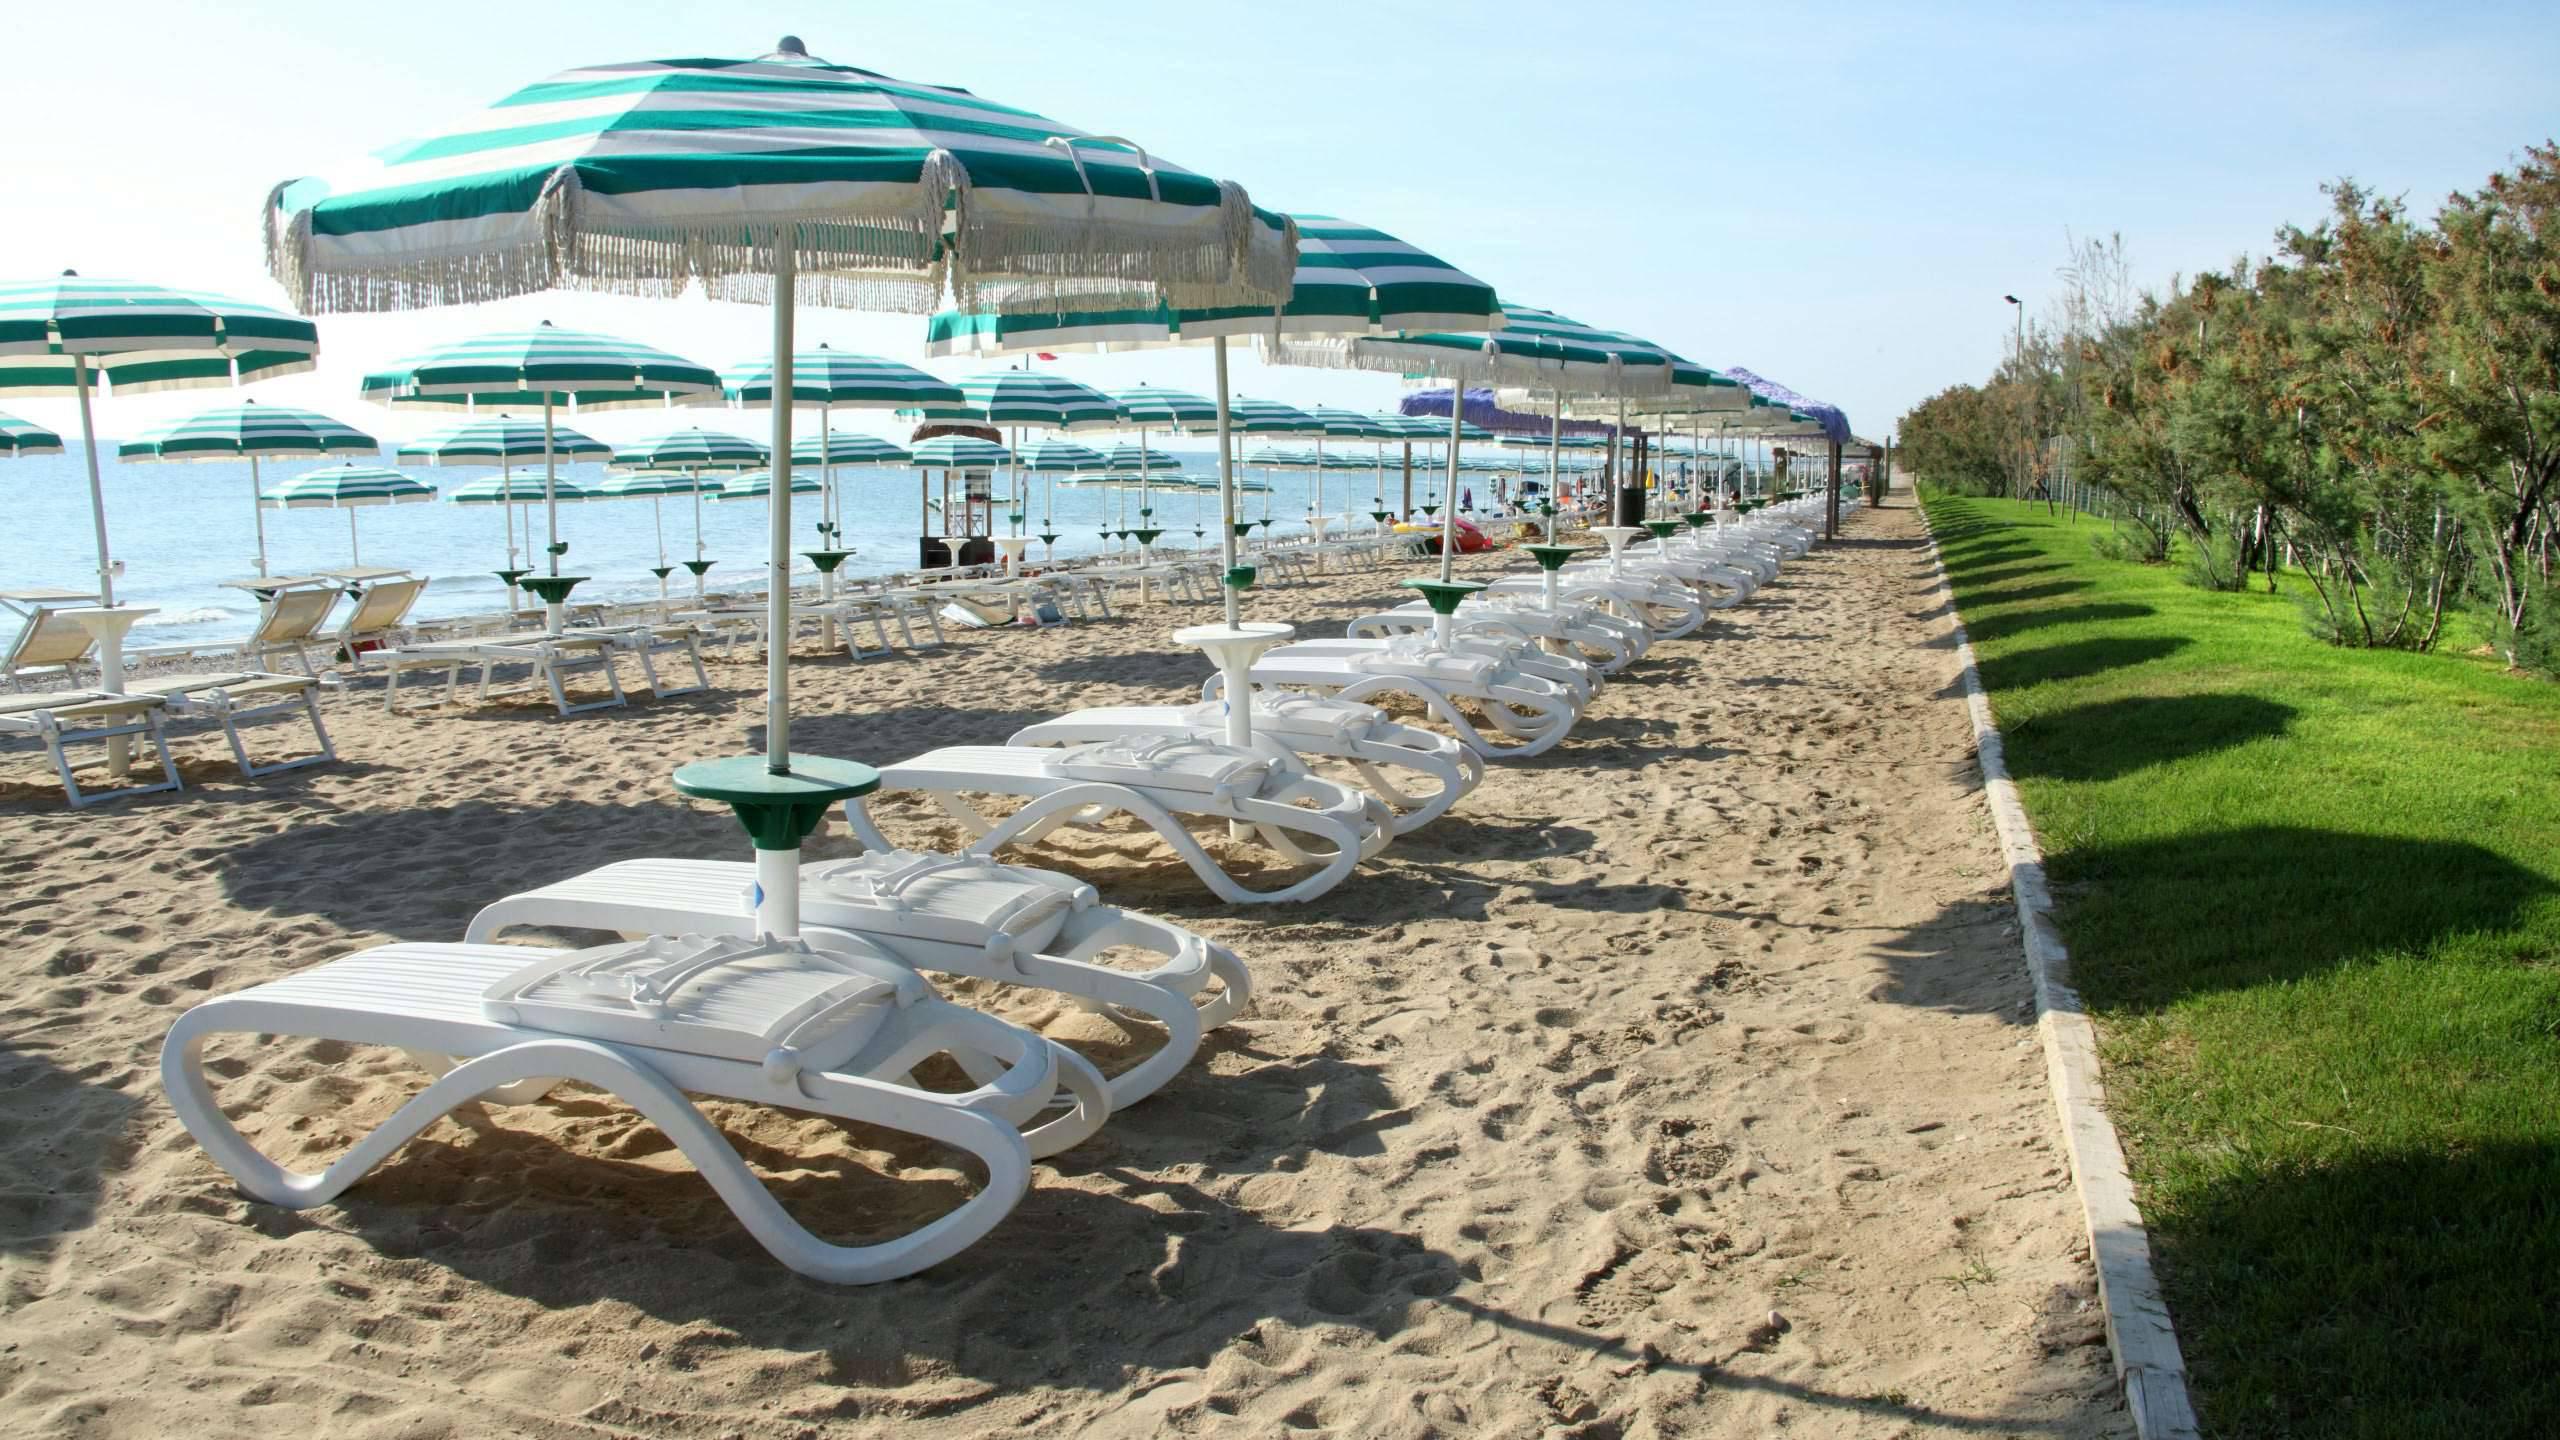 pineto-beach-village-camping-pineto-abruzzo-piscina-mare-38